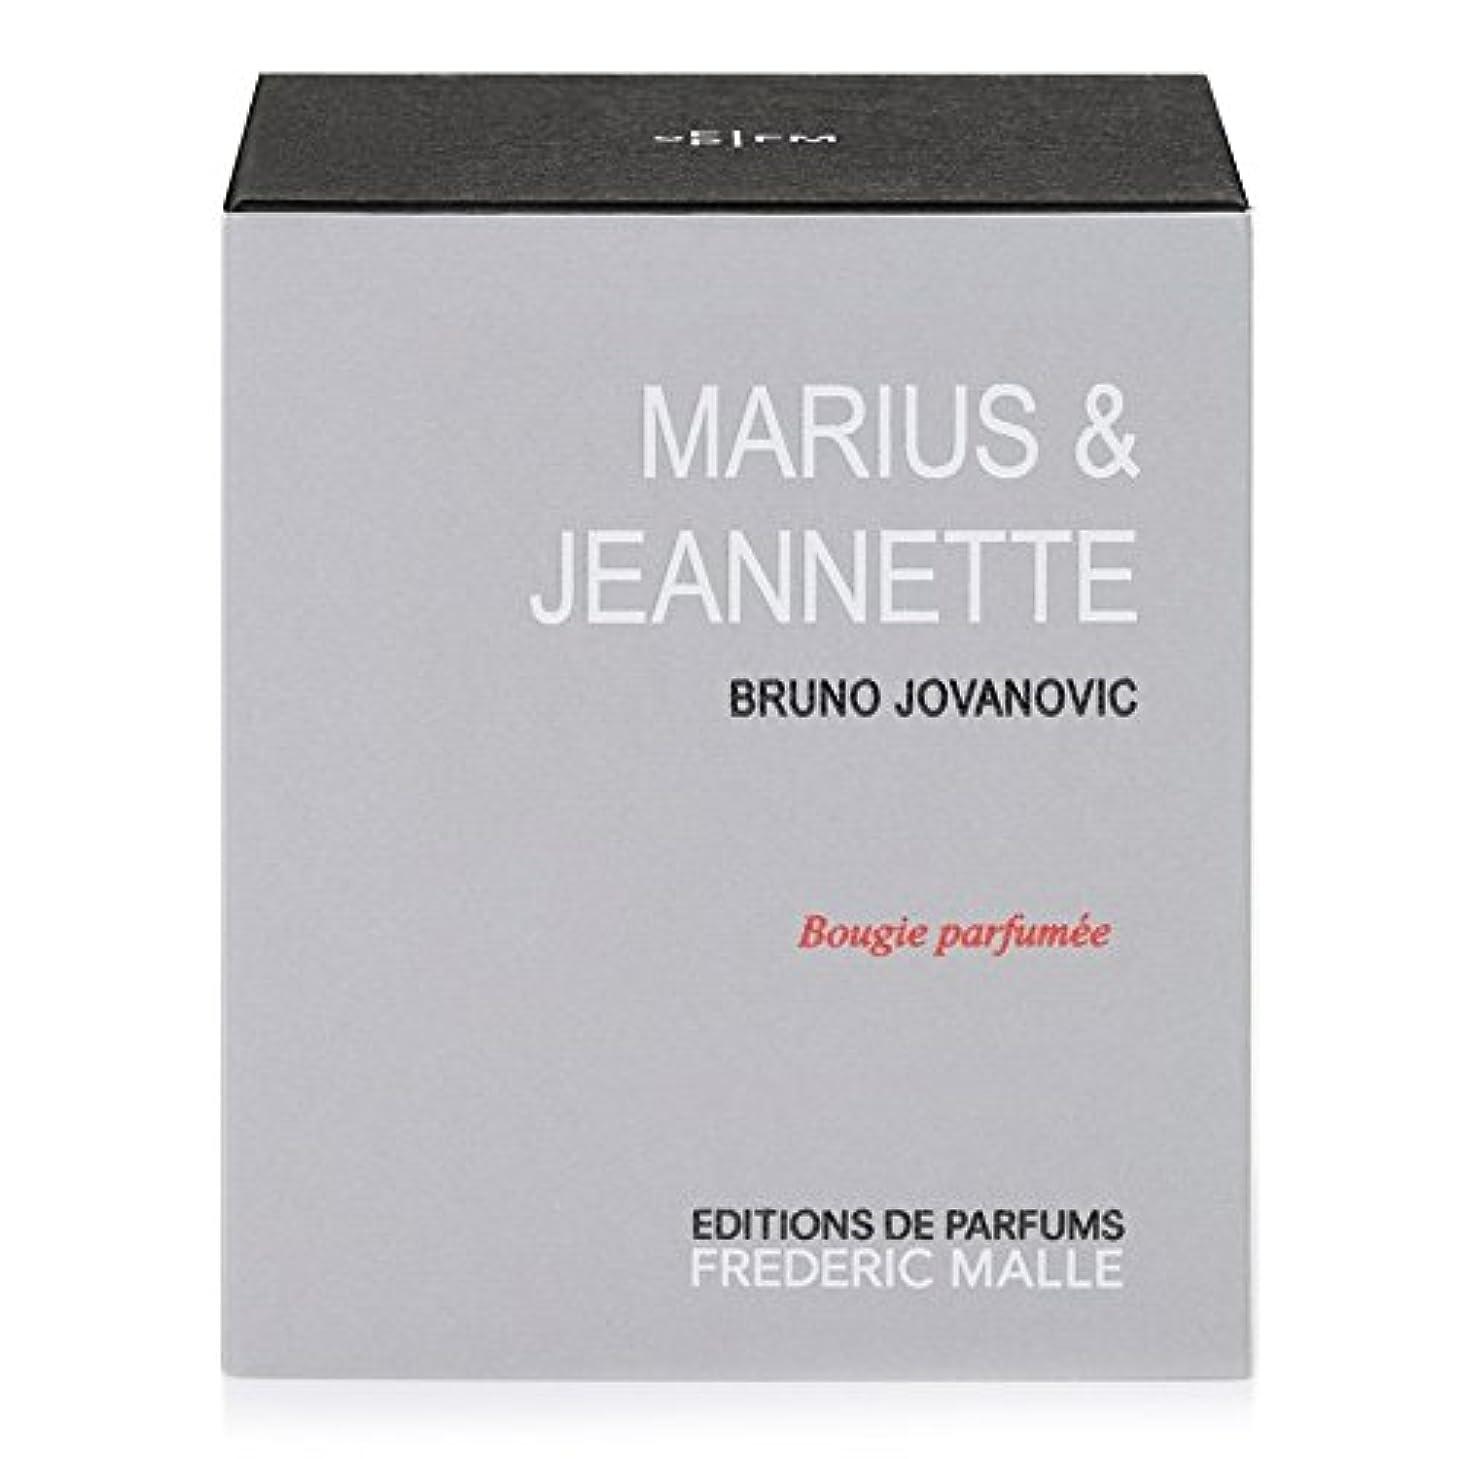 ネーピアメディックシャイFrederic Malle Maruis and Jeanette Scented Candle (Pack of 2) - フレデリック?マル とジャネット?香りのキャンドル x2 [並行輸入品]